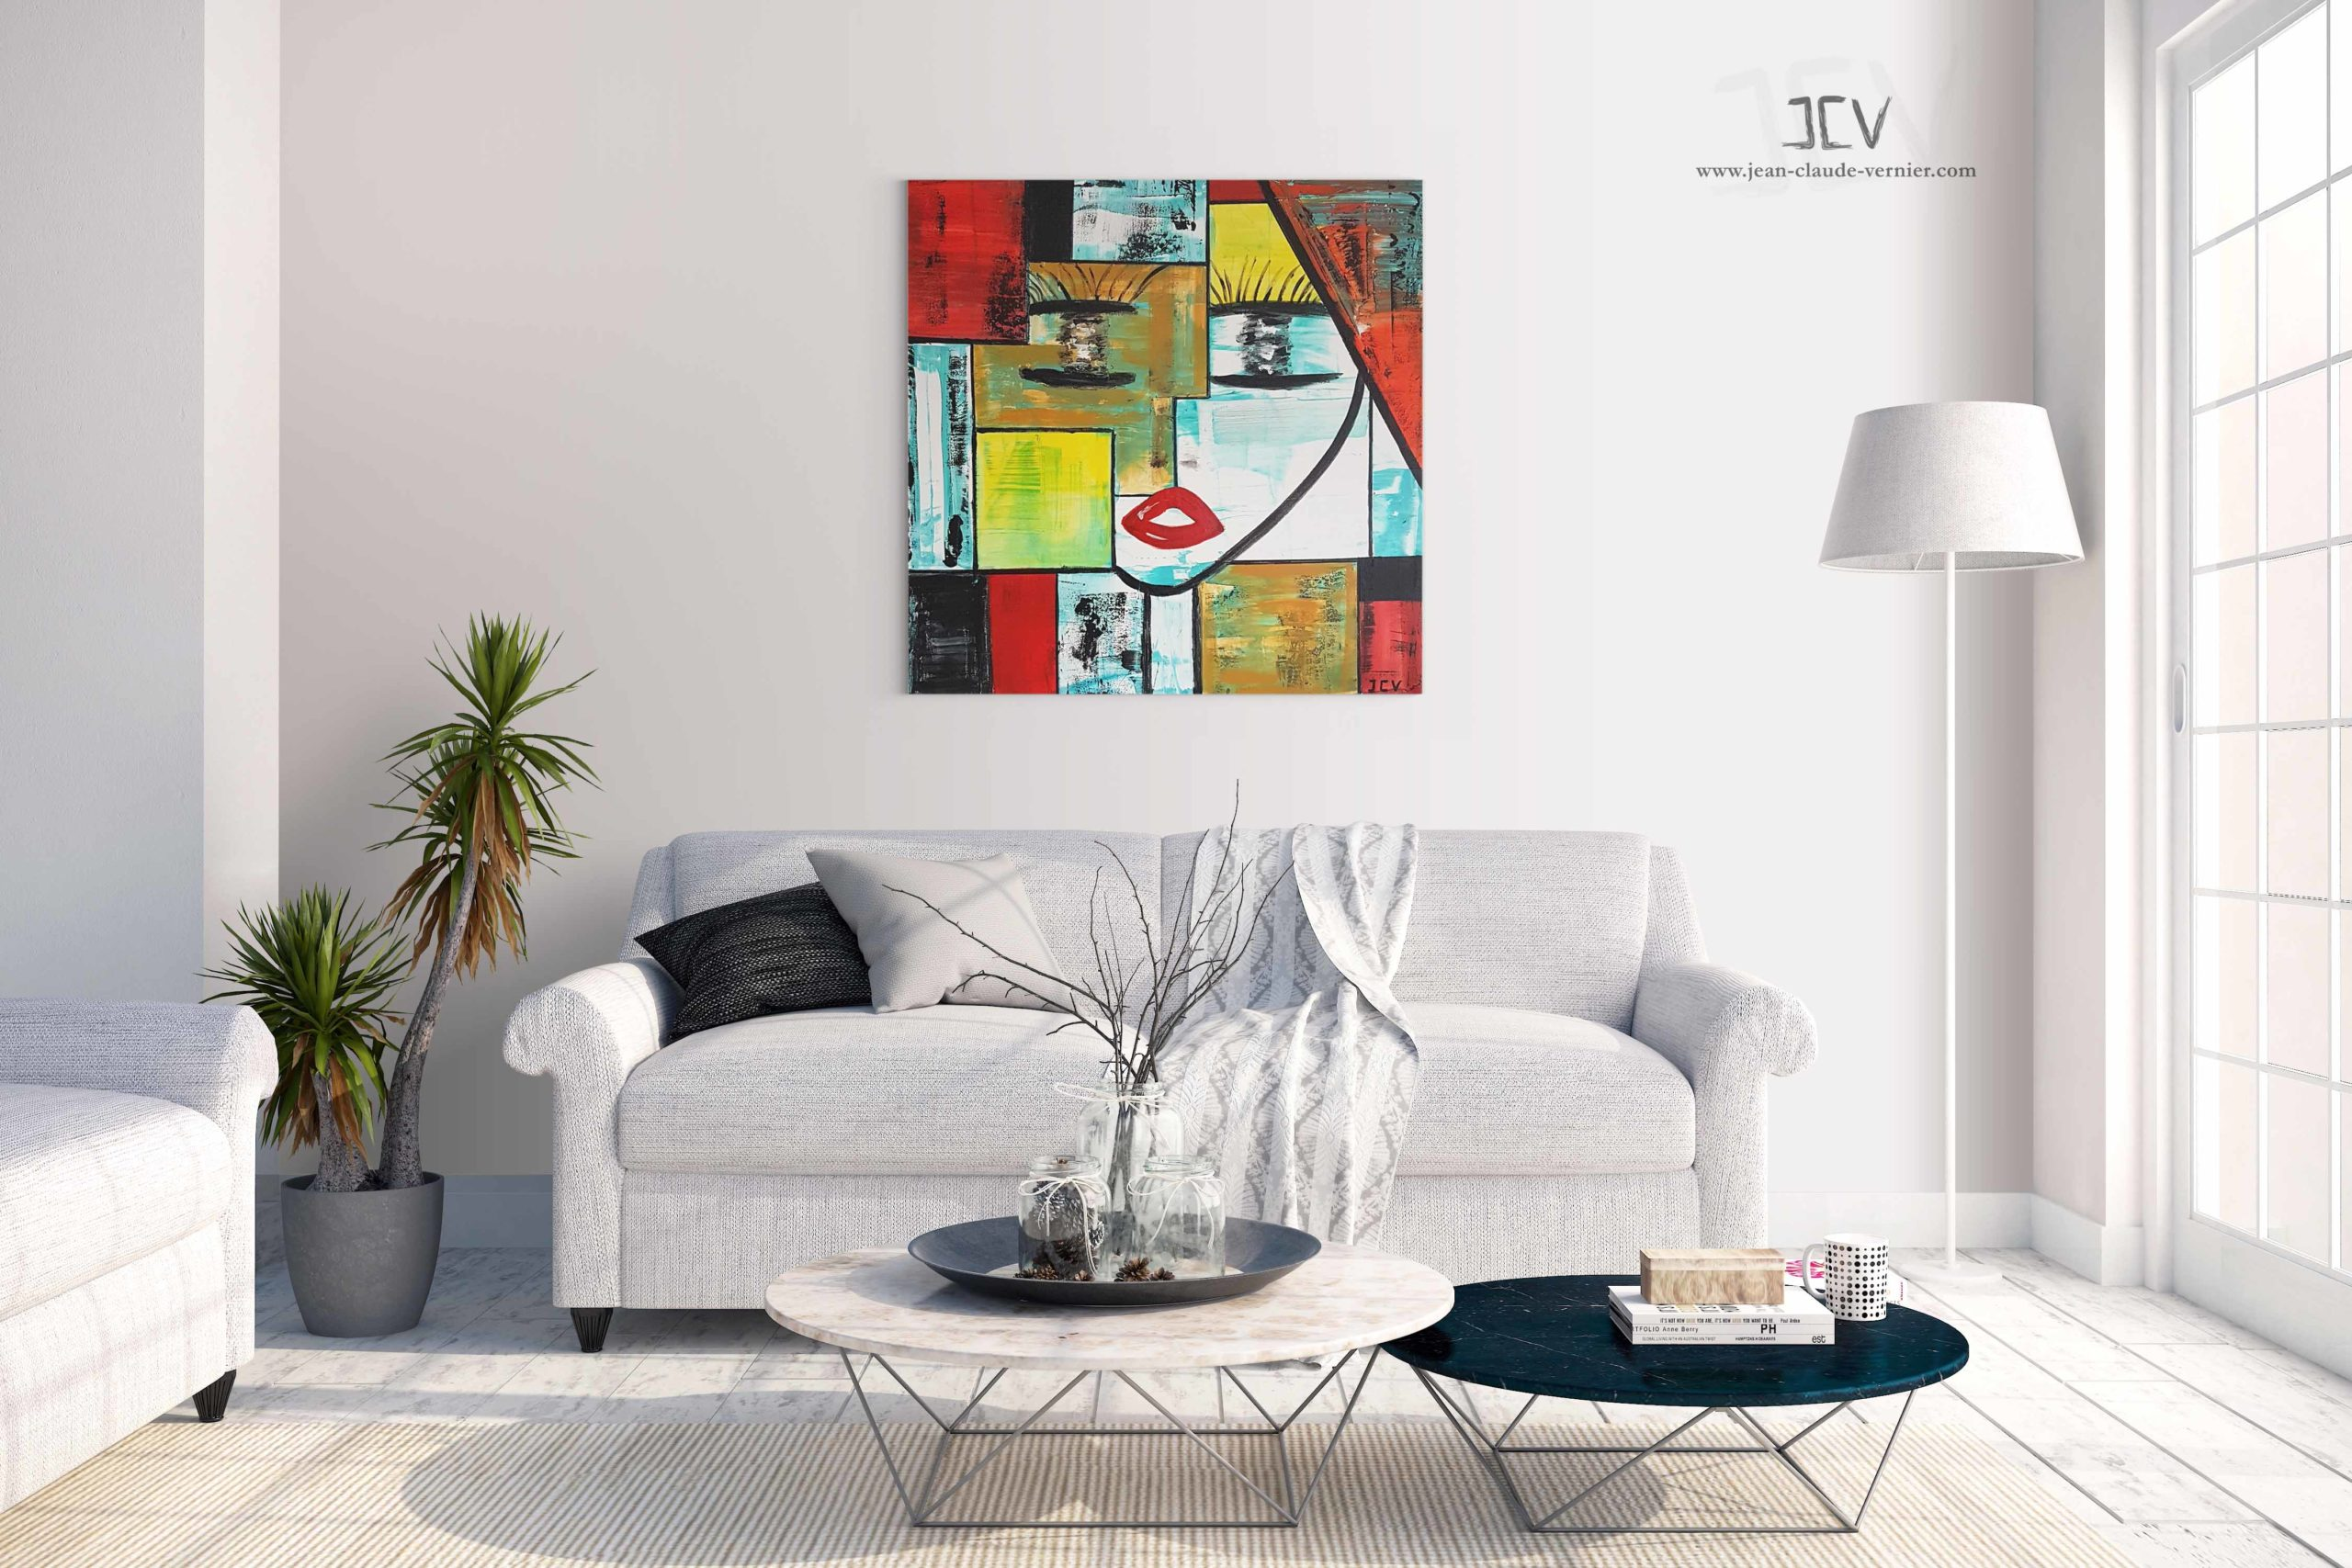 Ella super star est un tableau contemporain moderne pour votre decoration interieure pas chere